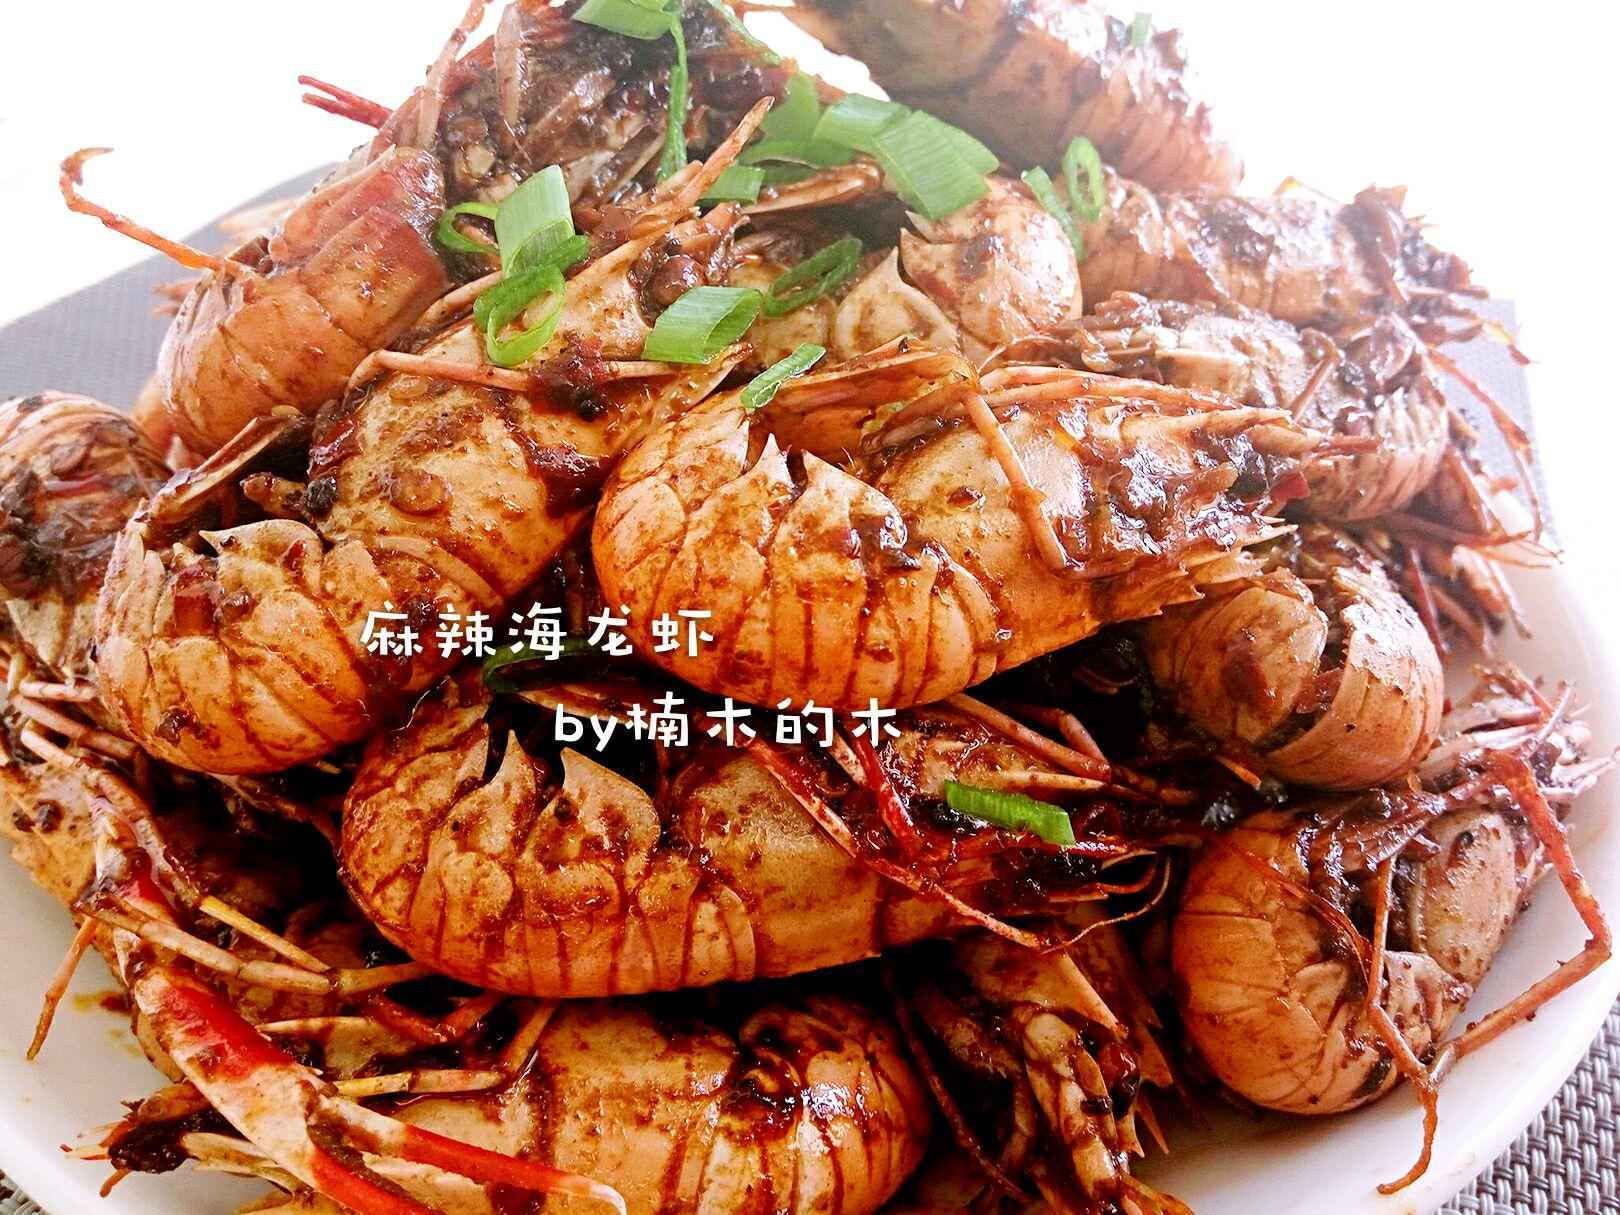 麻辣海龙虾(鳌虾)的做法_【图解】麻辣海龙虾(鳌虾)做